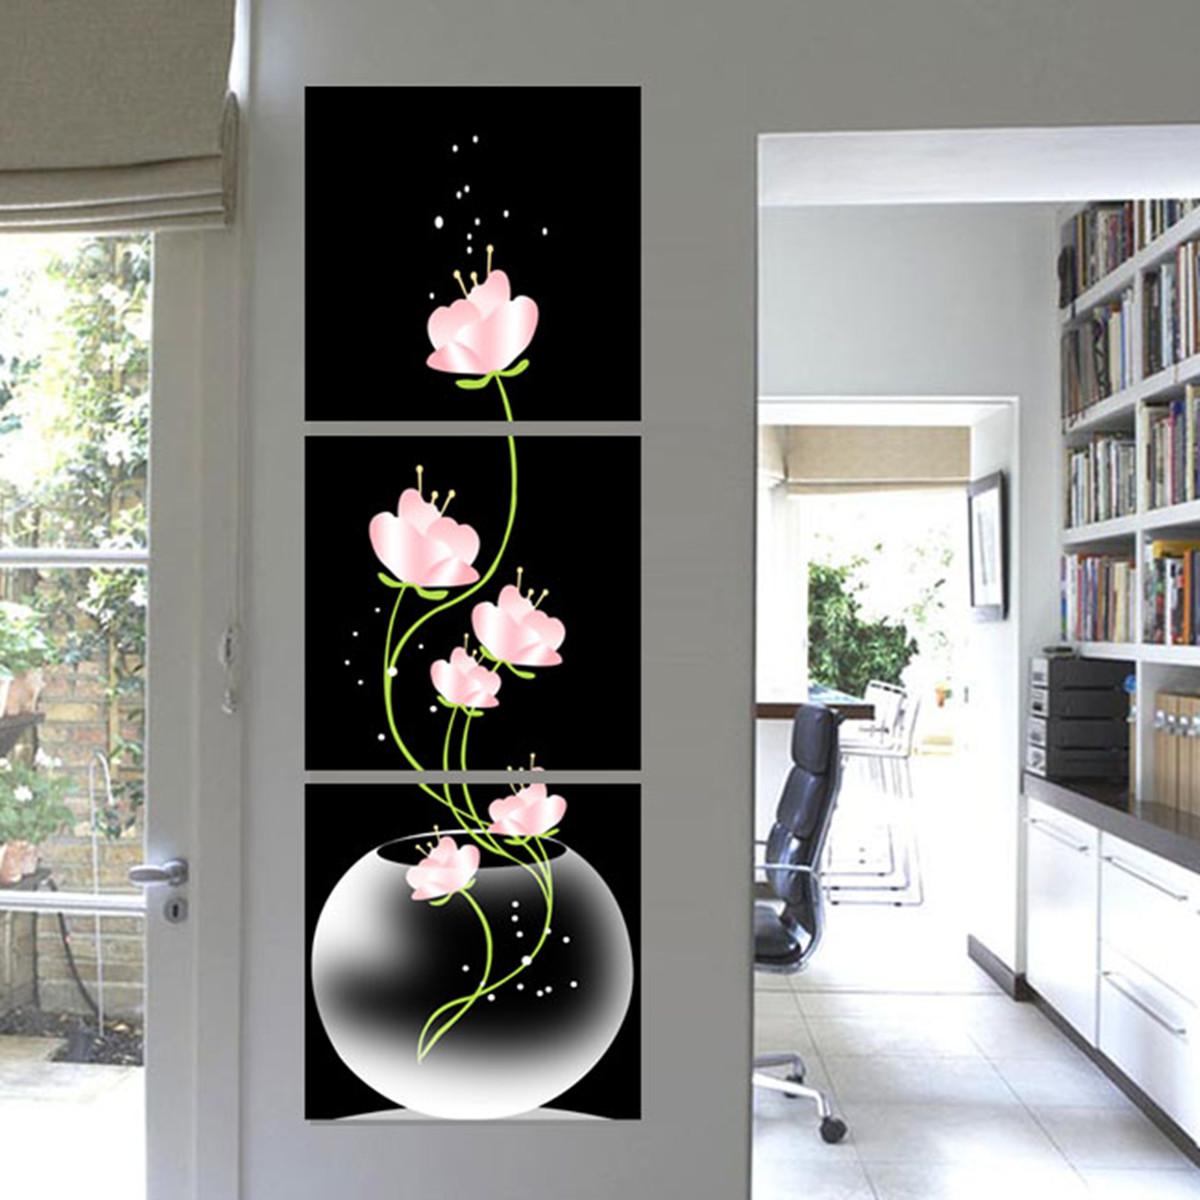 SEK Einsatz Leinwandbild Wanddeko Kunstdruck